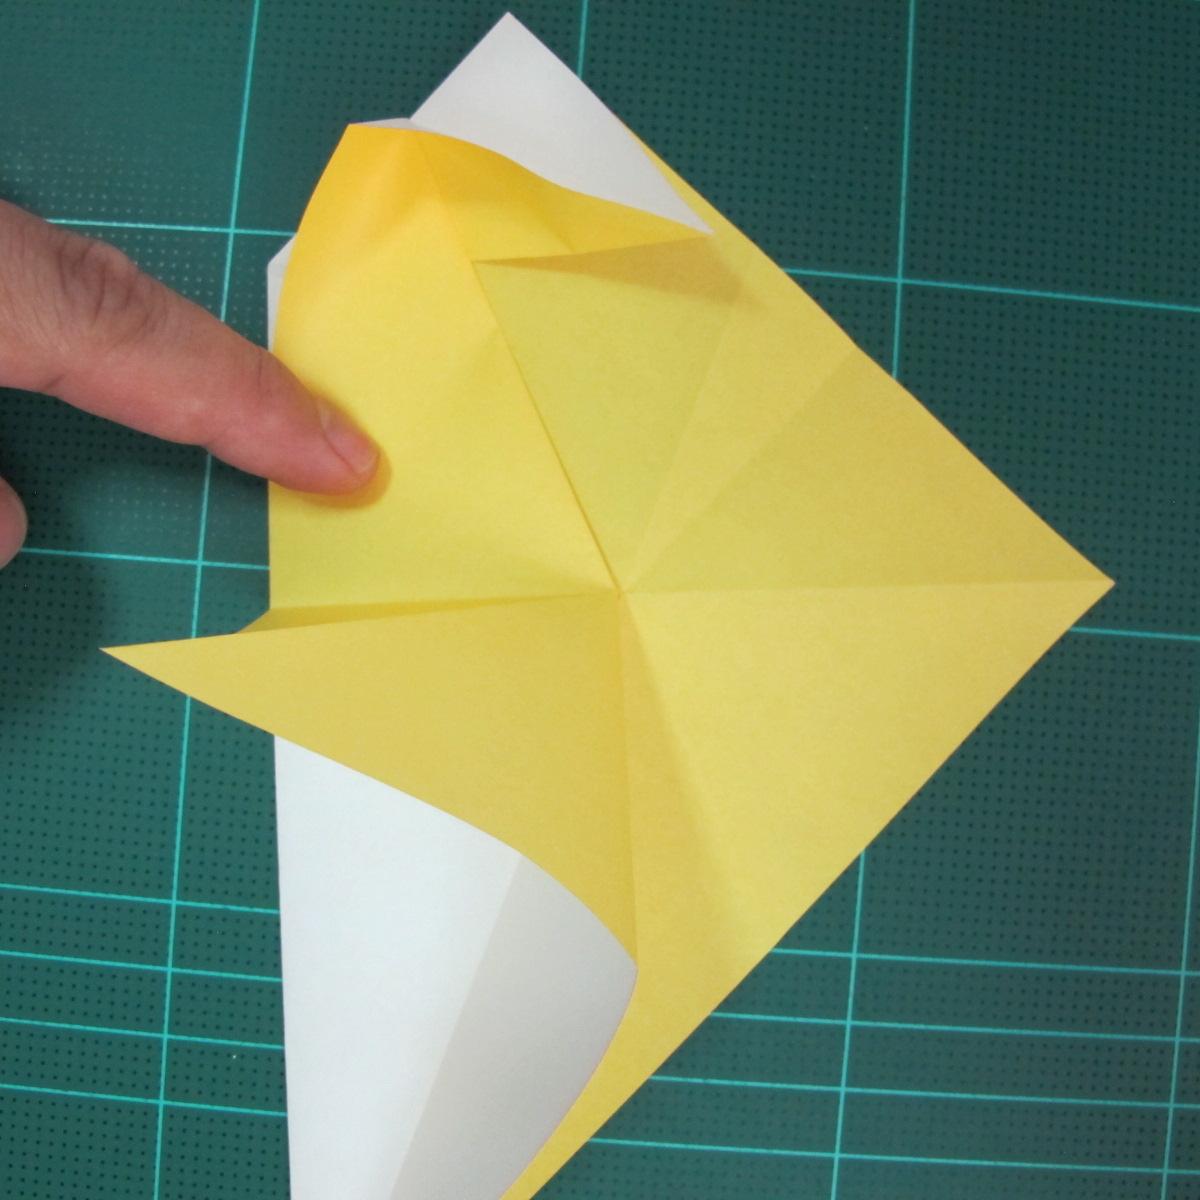 วิธีการพับกระดาษรูปม้าน้ำ (Origami Seahorse) 014